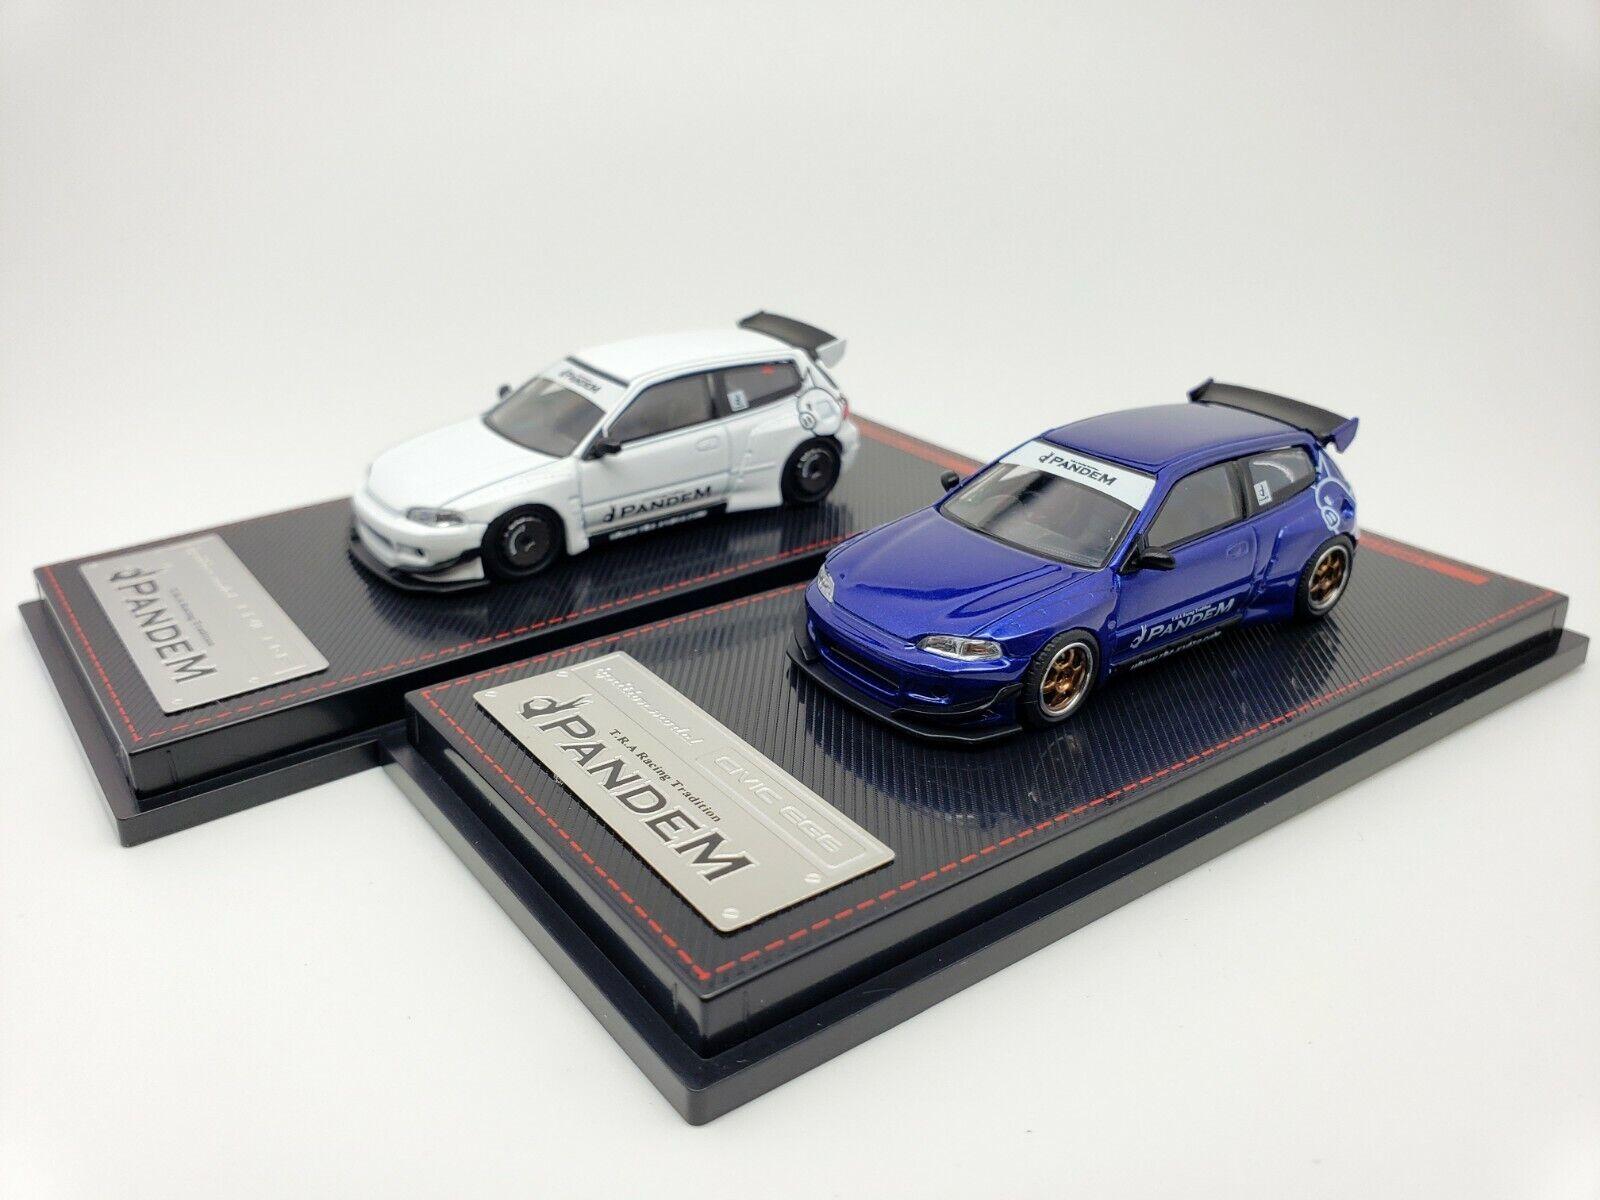 1  64 Ignition Honda Civic EG6 PANDEM JDM blanc IG1415 bleu IG1412 Limited Ed.nouveau  assurance qualité